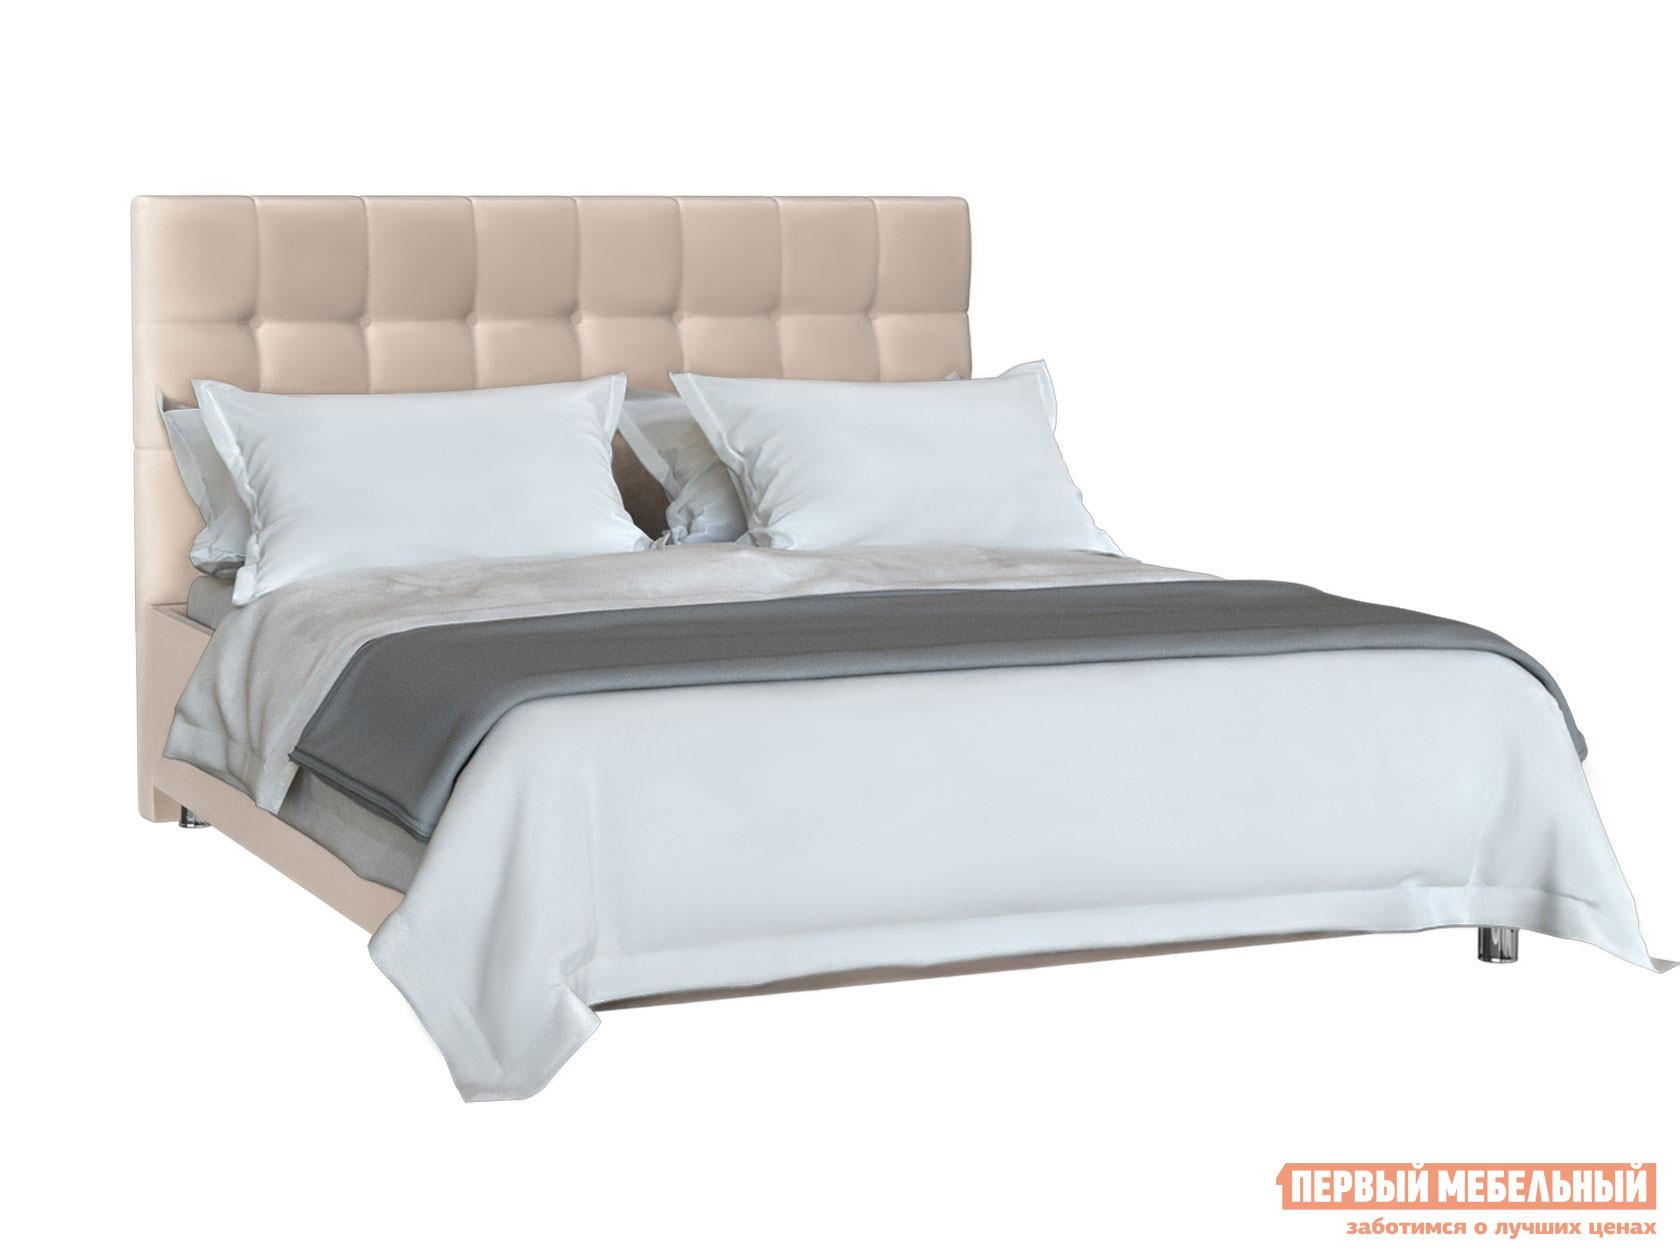 Двуспальная кровать  Кровать Тиволи Бежевый микровелюр, 1600 Х 2000 мм, С подъемным механизмом